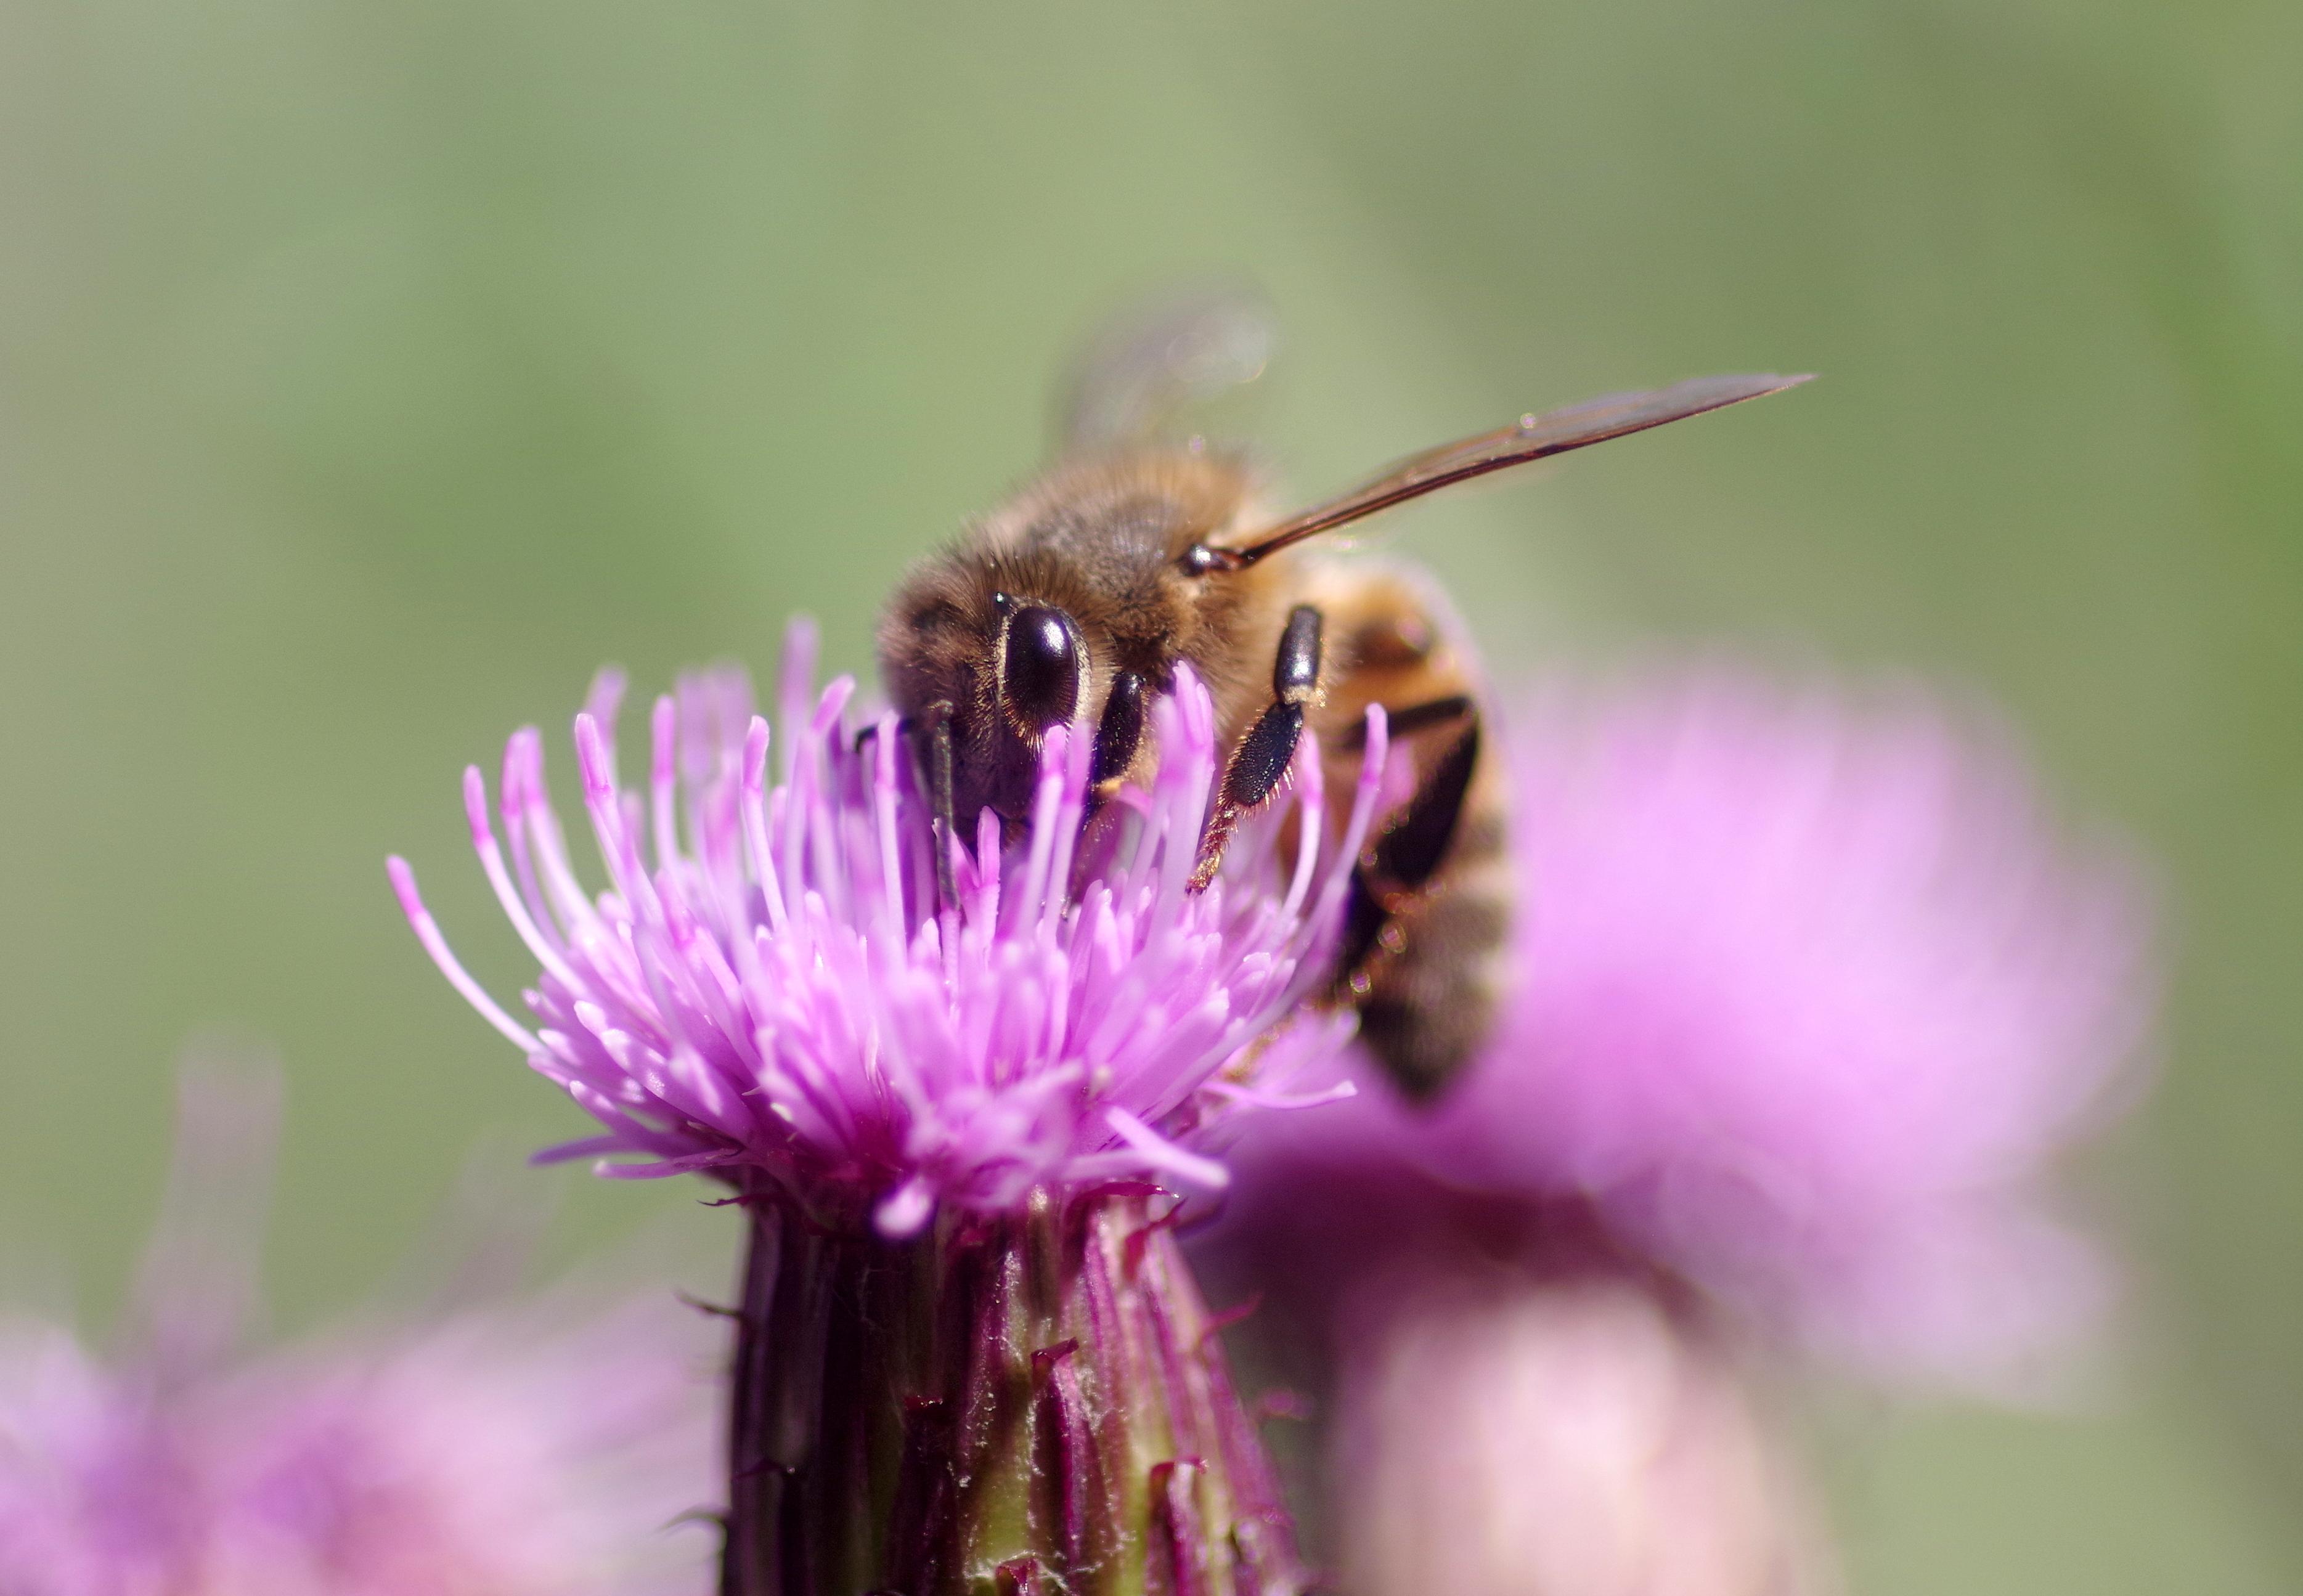 BEES & HOVERFLIES